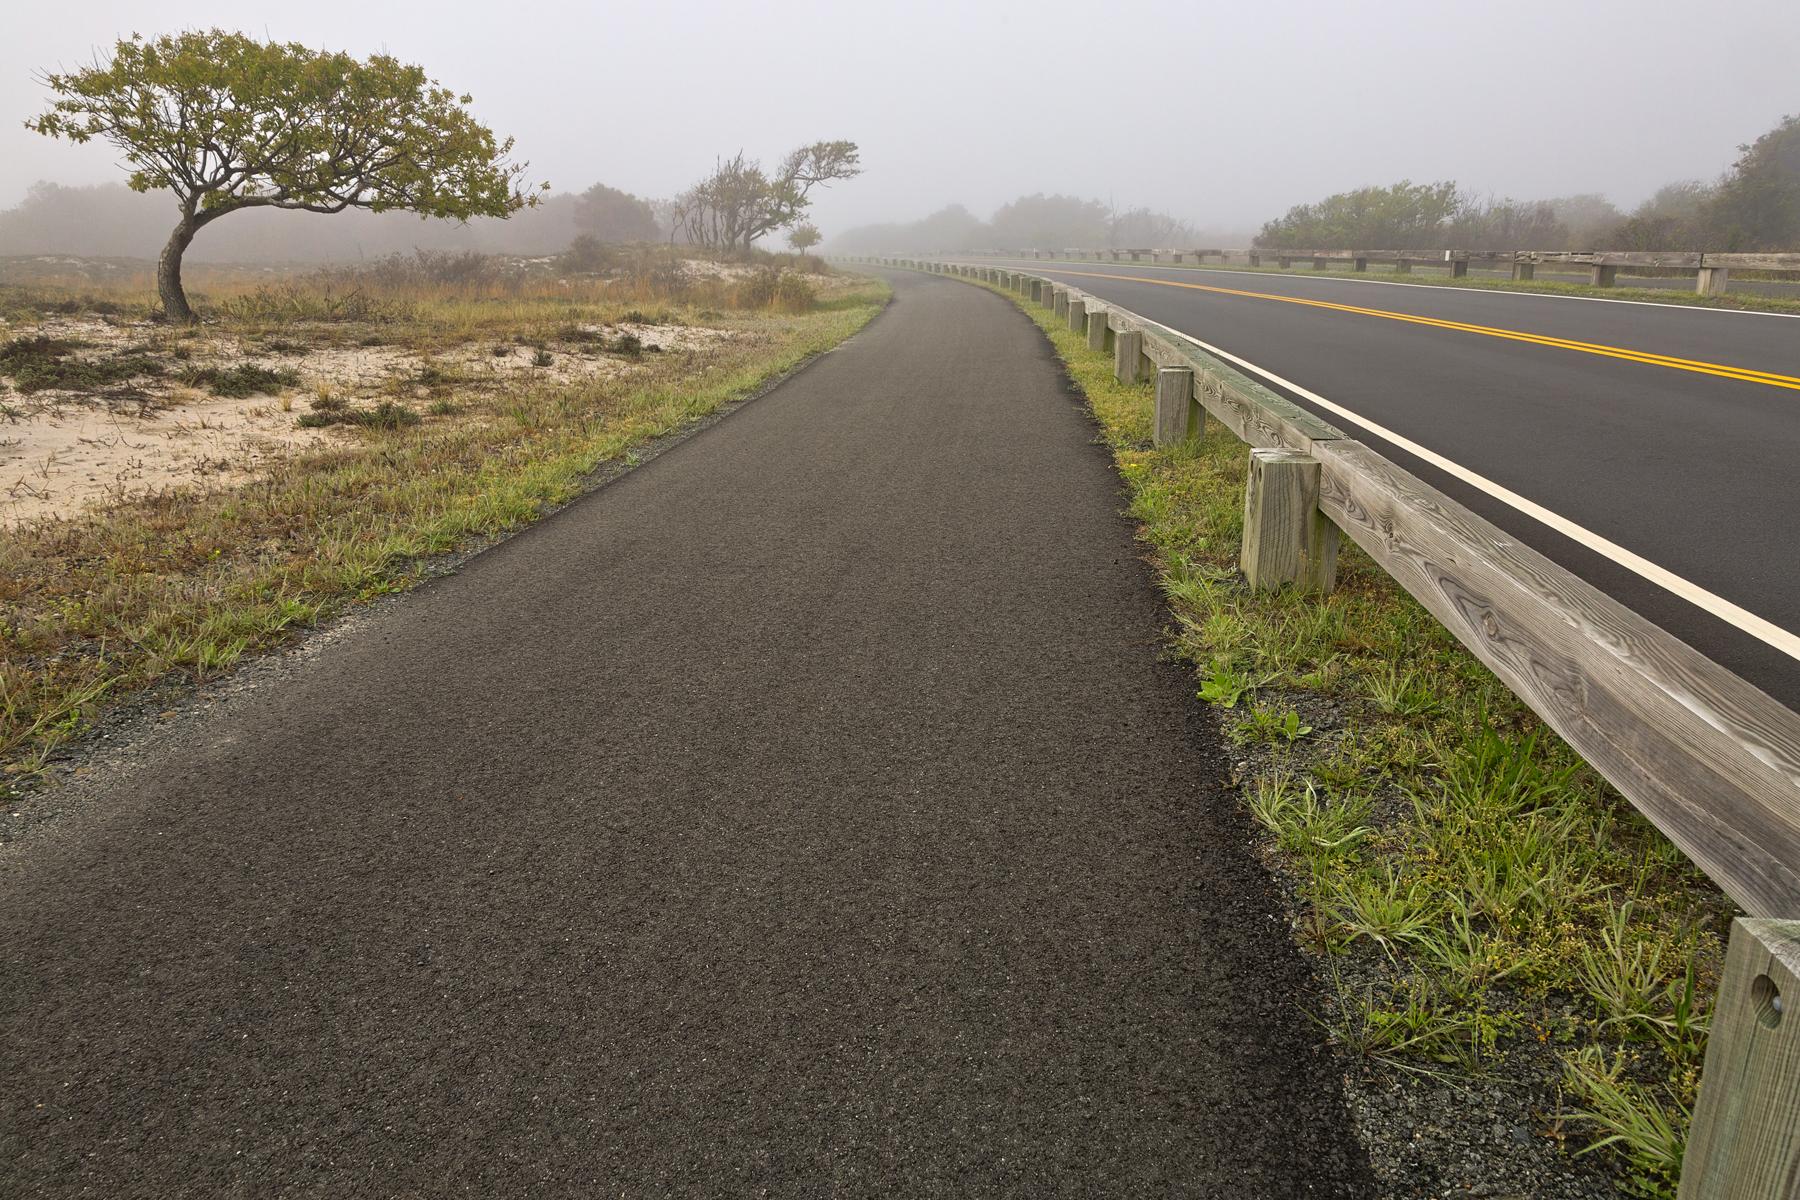 Misty assateague route - hdr photo